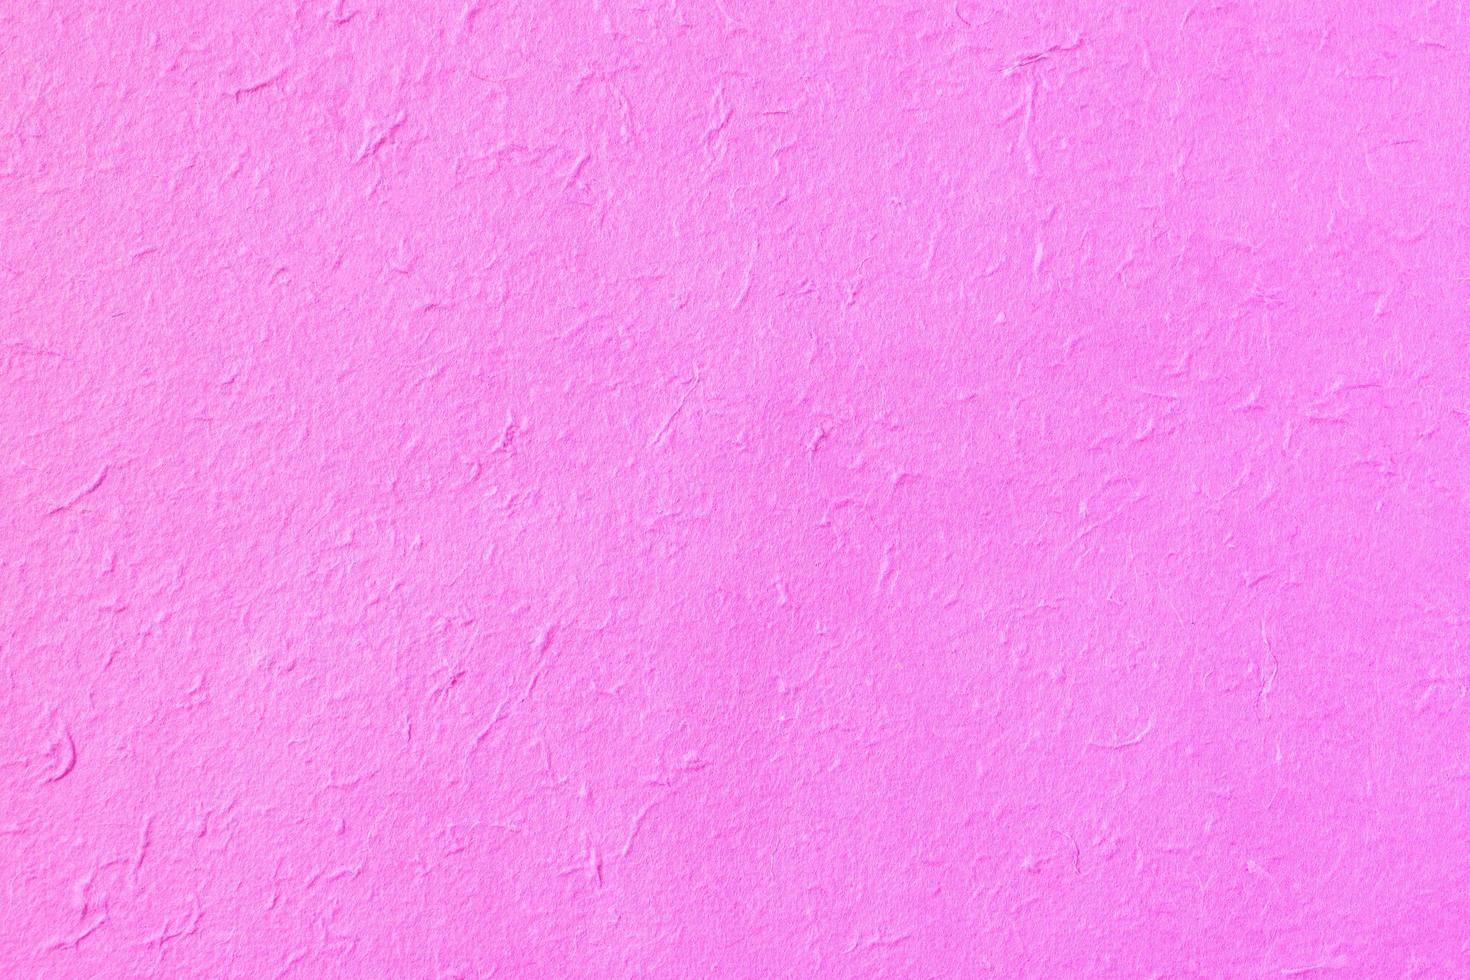 roze handgemaakt moerbeipapier foto